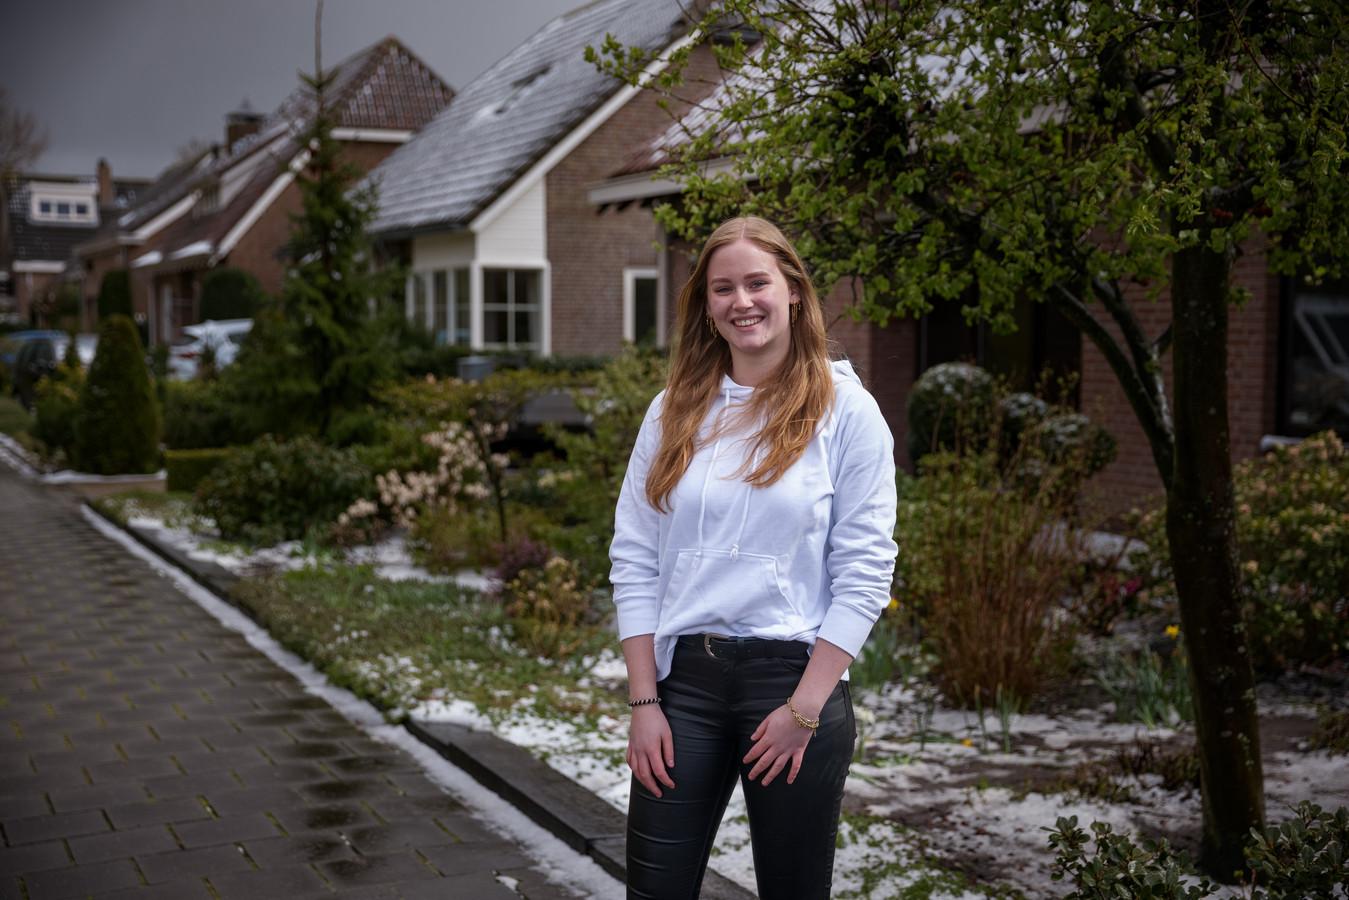 Zevenbergen - 6-4-2021 - Foto: Pix4Profs/Marcel Otterspeer - Jong in... Zevenbergen: Naomi Lockefeer (18). Zij is pas verhuisd binnen Zevenbergen en wilde daar graag op de foto.